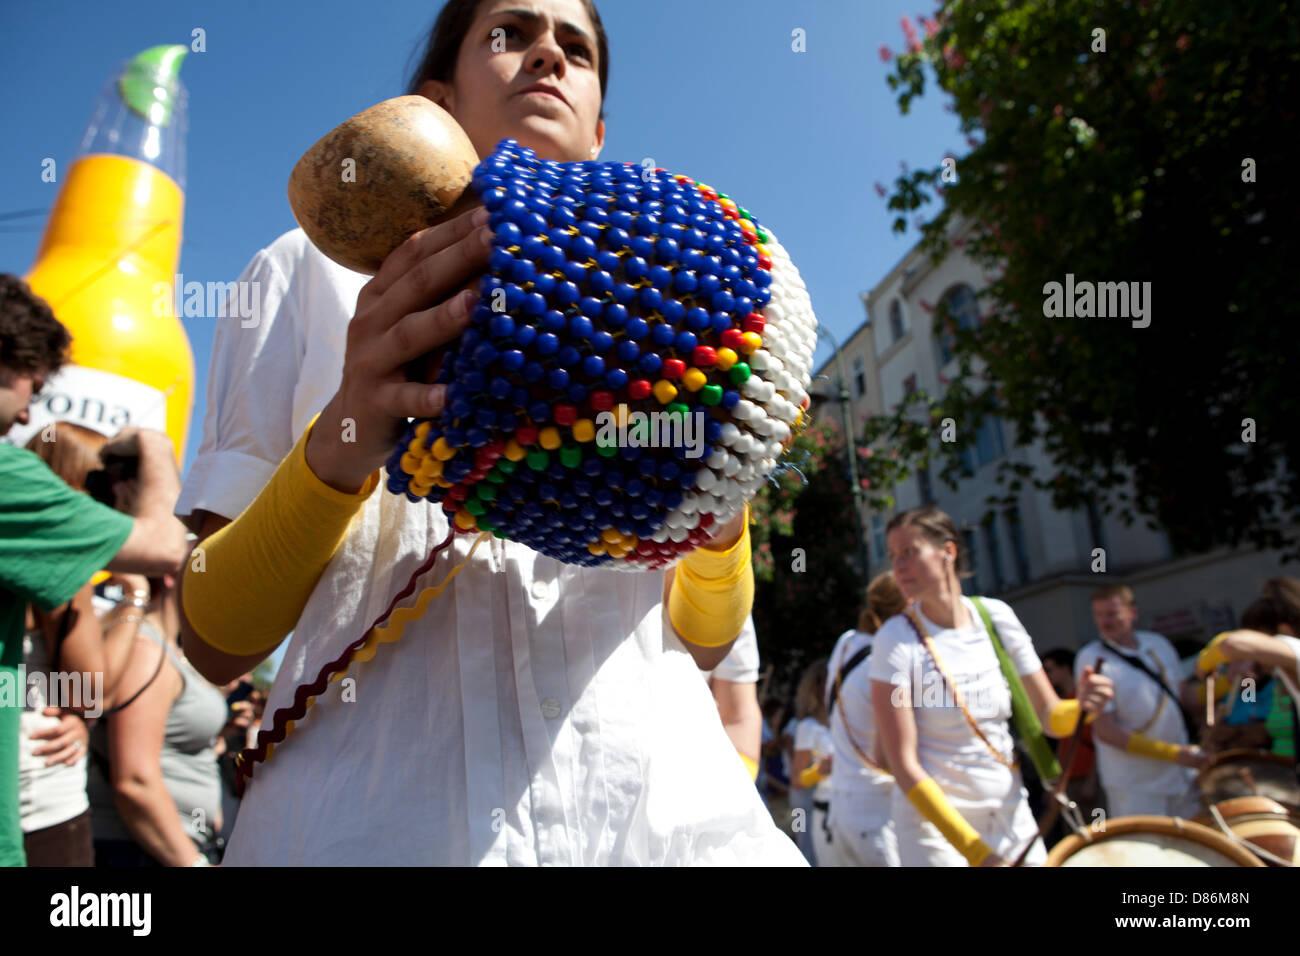 Berlin, Deutschland. 19. Mai 2013. Karneval der Kulturen - jährlichen Karneval und Straßenfest in Deutschlands Stockbild